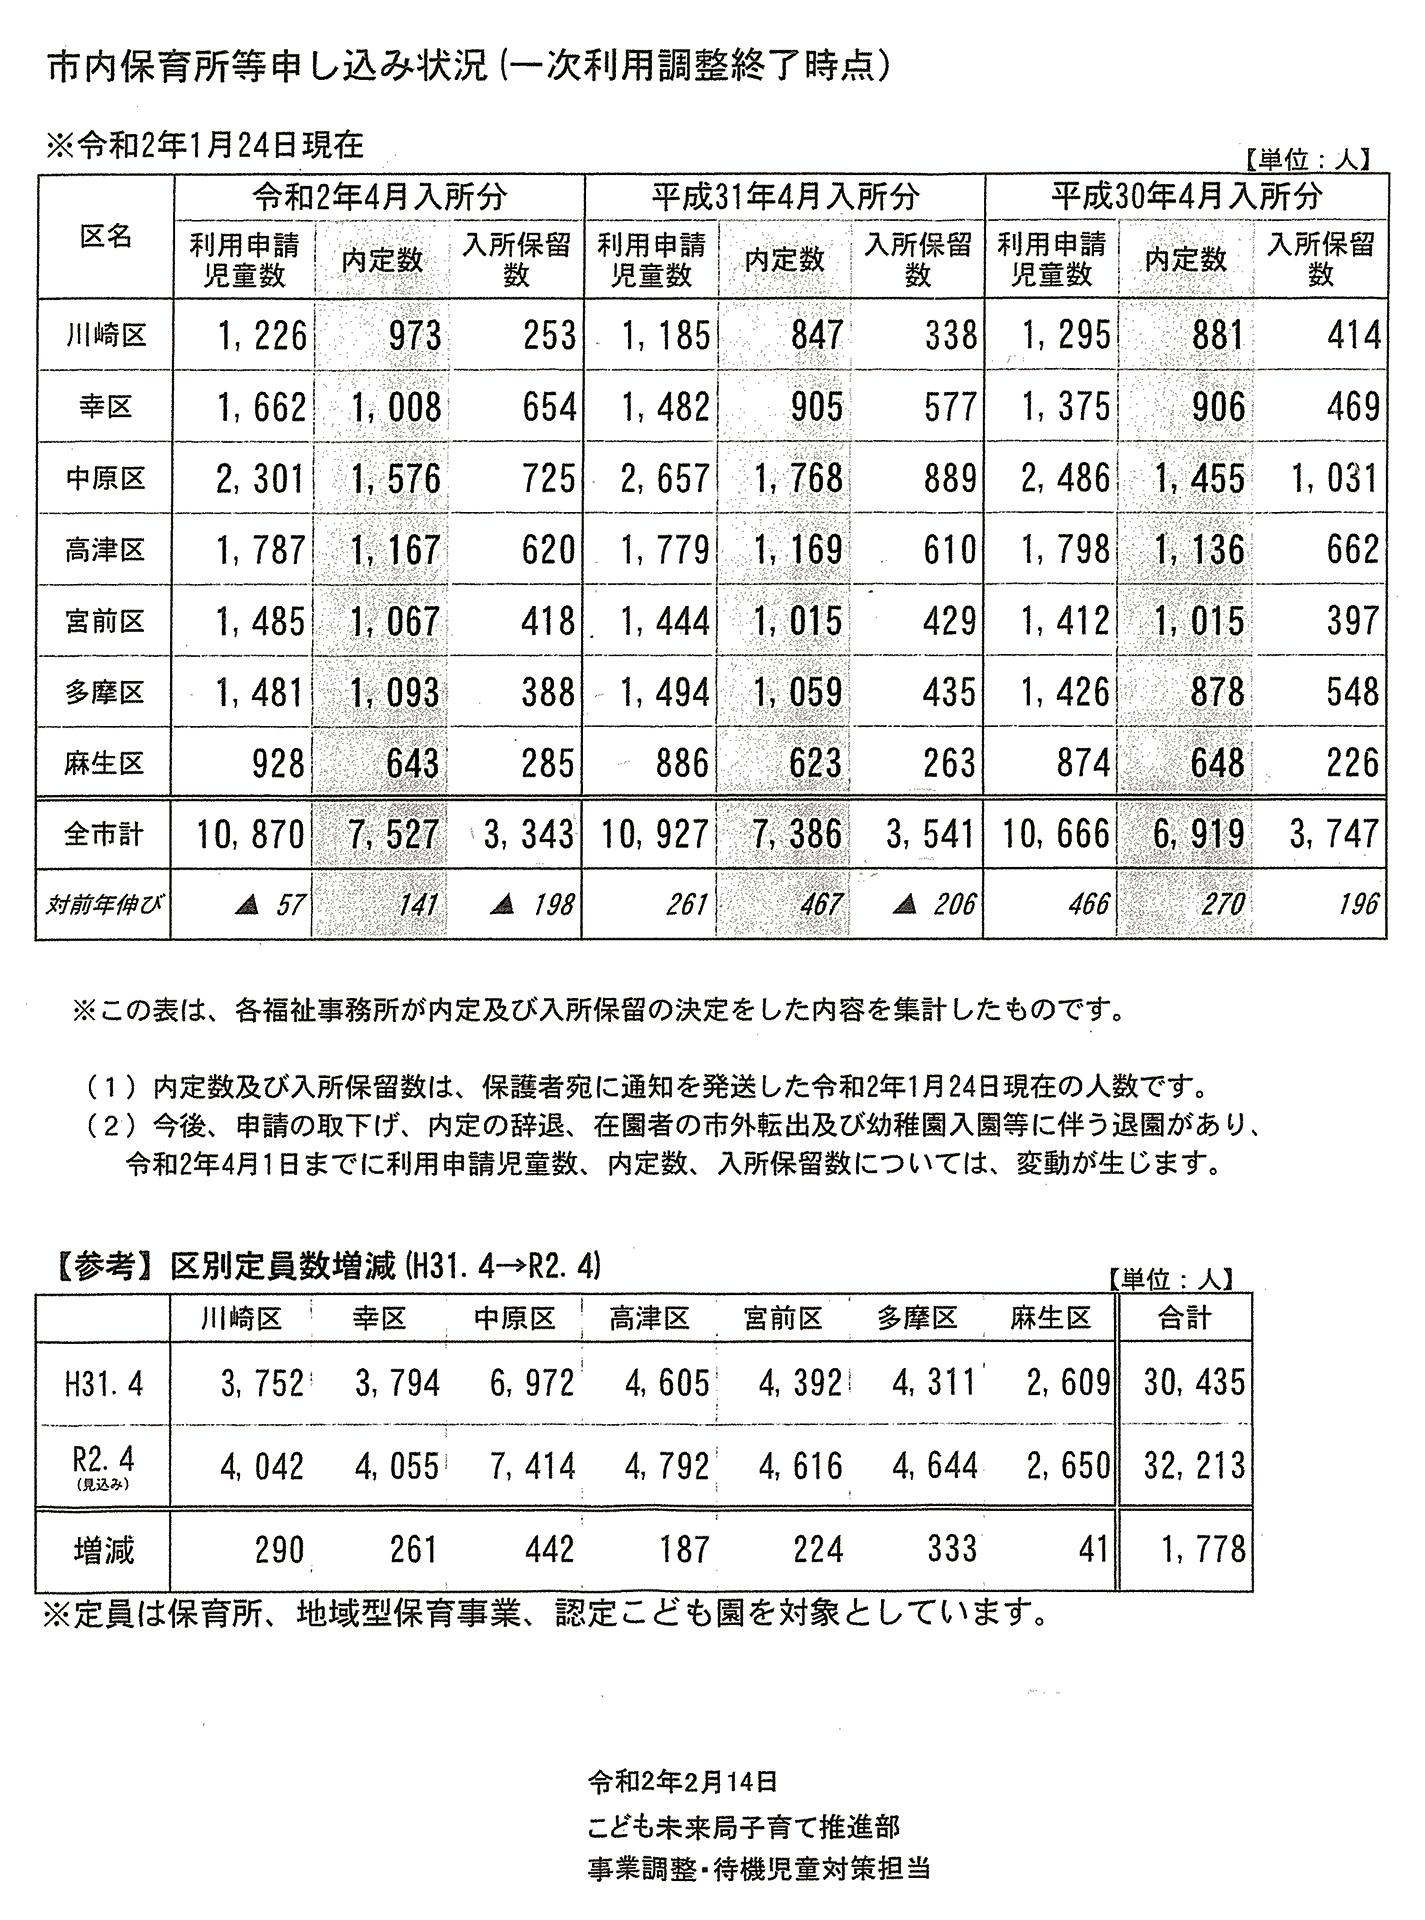 川崎市の保育所待機児童数資料